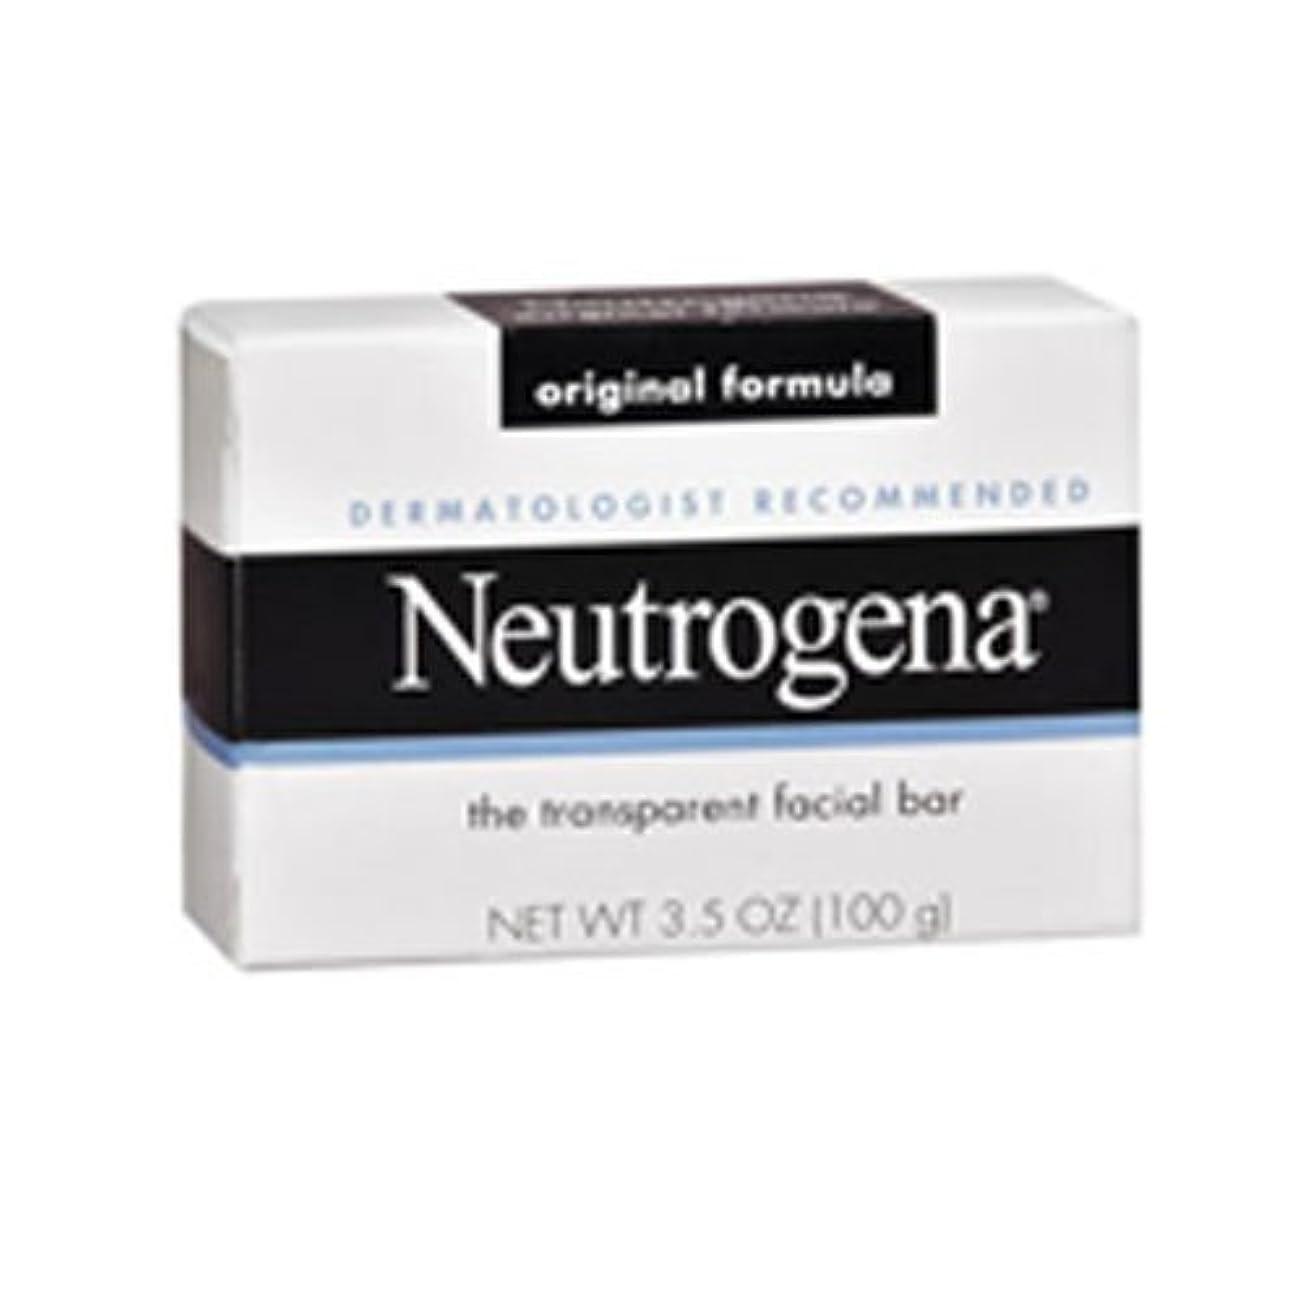 シネウィ日の出致死海外直送肘 Neutrogena Transparent Facial Soap Bar, 3.5 oz